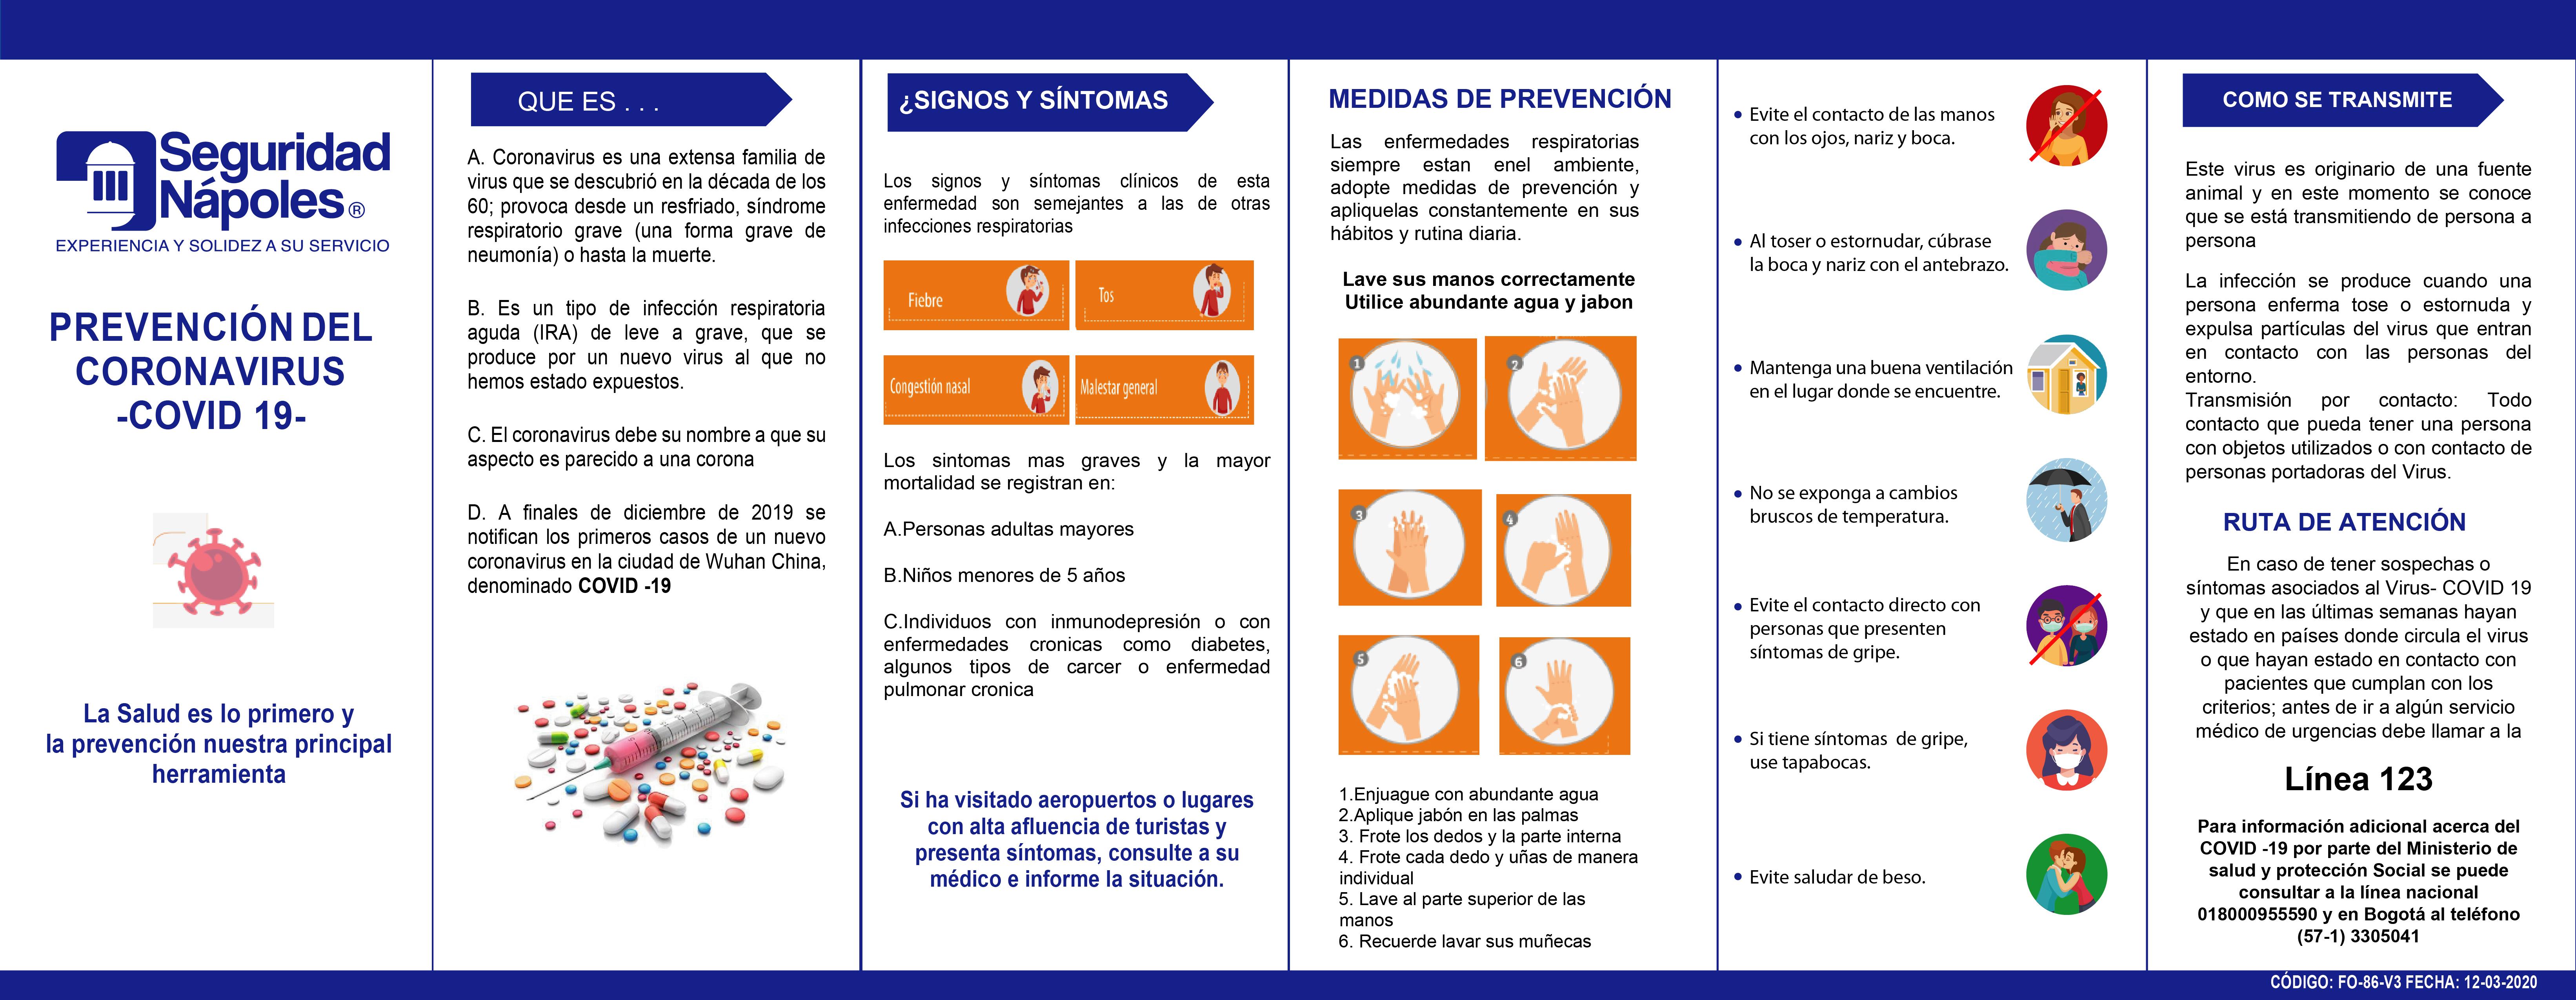 Prevención del coronavirus covid-19